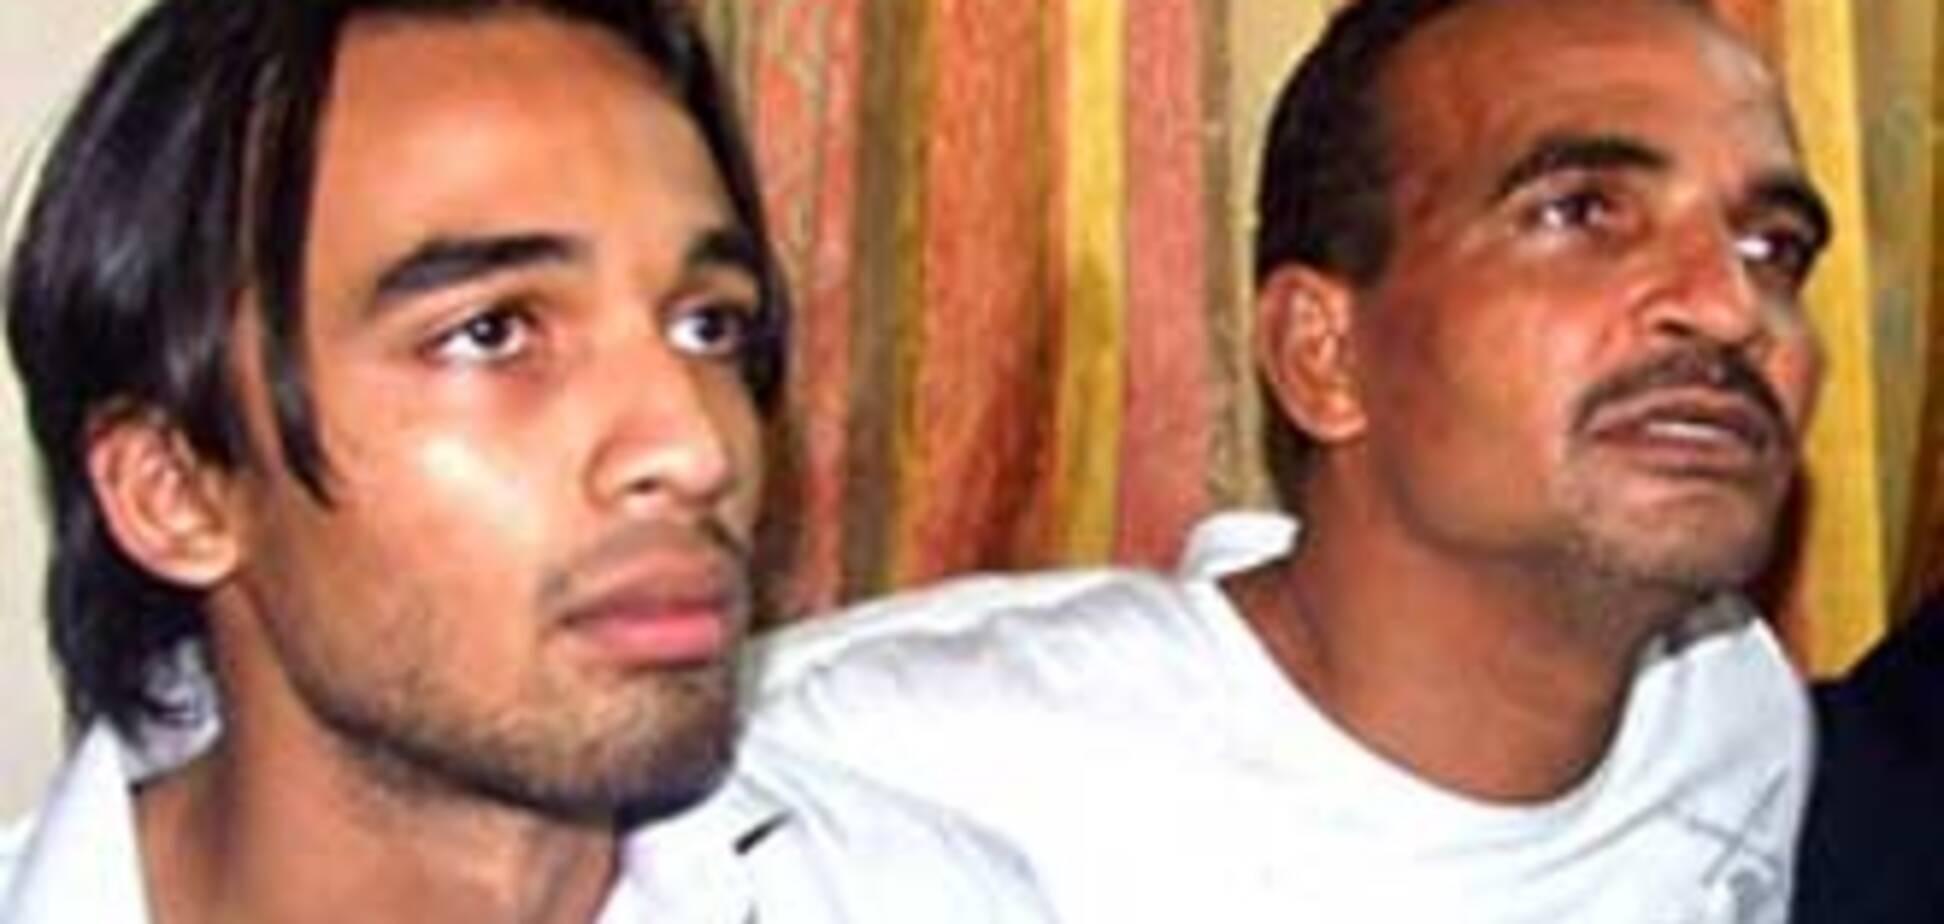 Сын министра образования изнасиловал школьницу